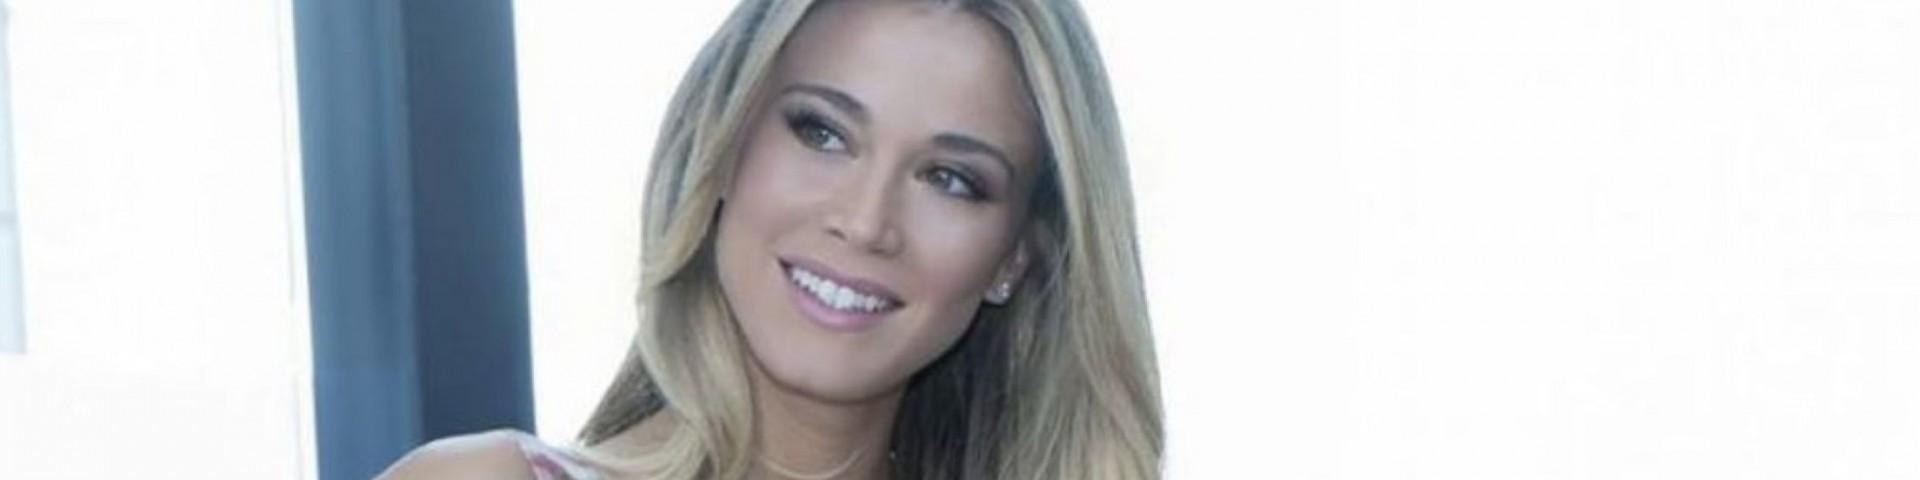 Diletta Leotta valletta a Sanremo 2020?